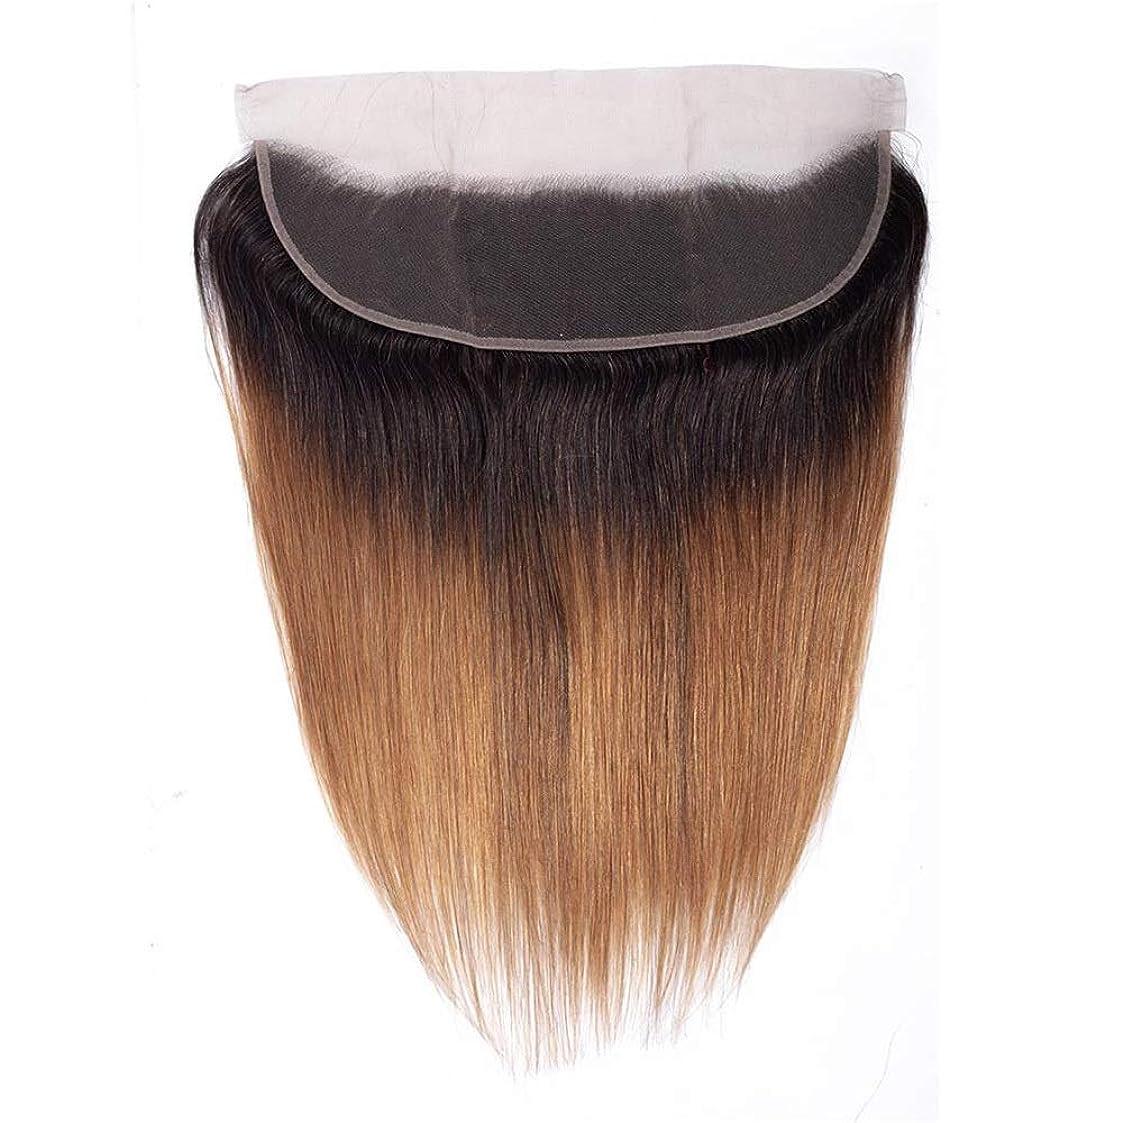 ズームインする振るう数字HOHYLLYA ブラジルの人間の髪の毛ストレート13 * 4レースクロージャー1B / 30黒から茶色の2トーンの色(8インチ18インチ)かつらショートかつら (色 : ブラウン, サイズ : 16 inch)